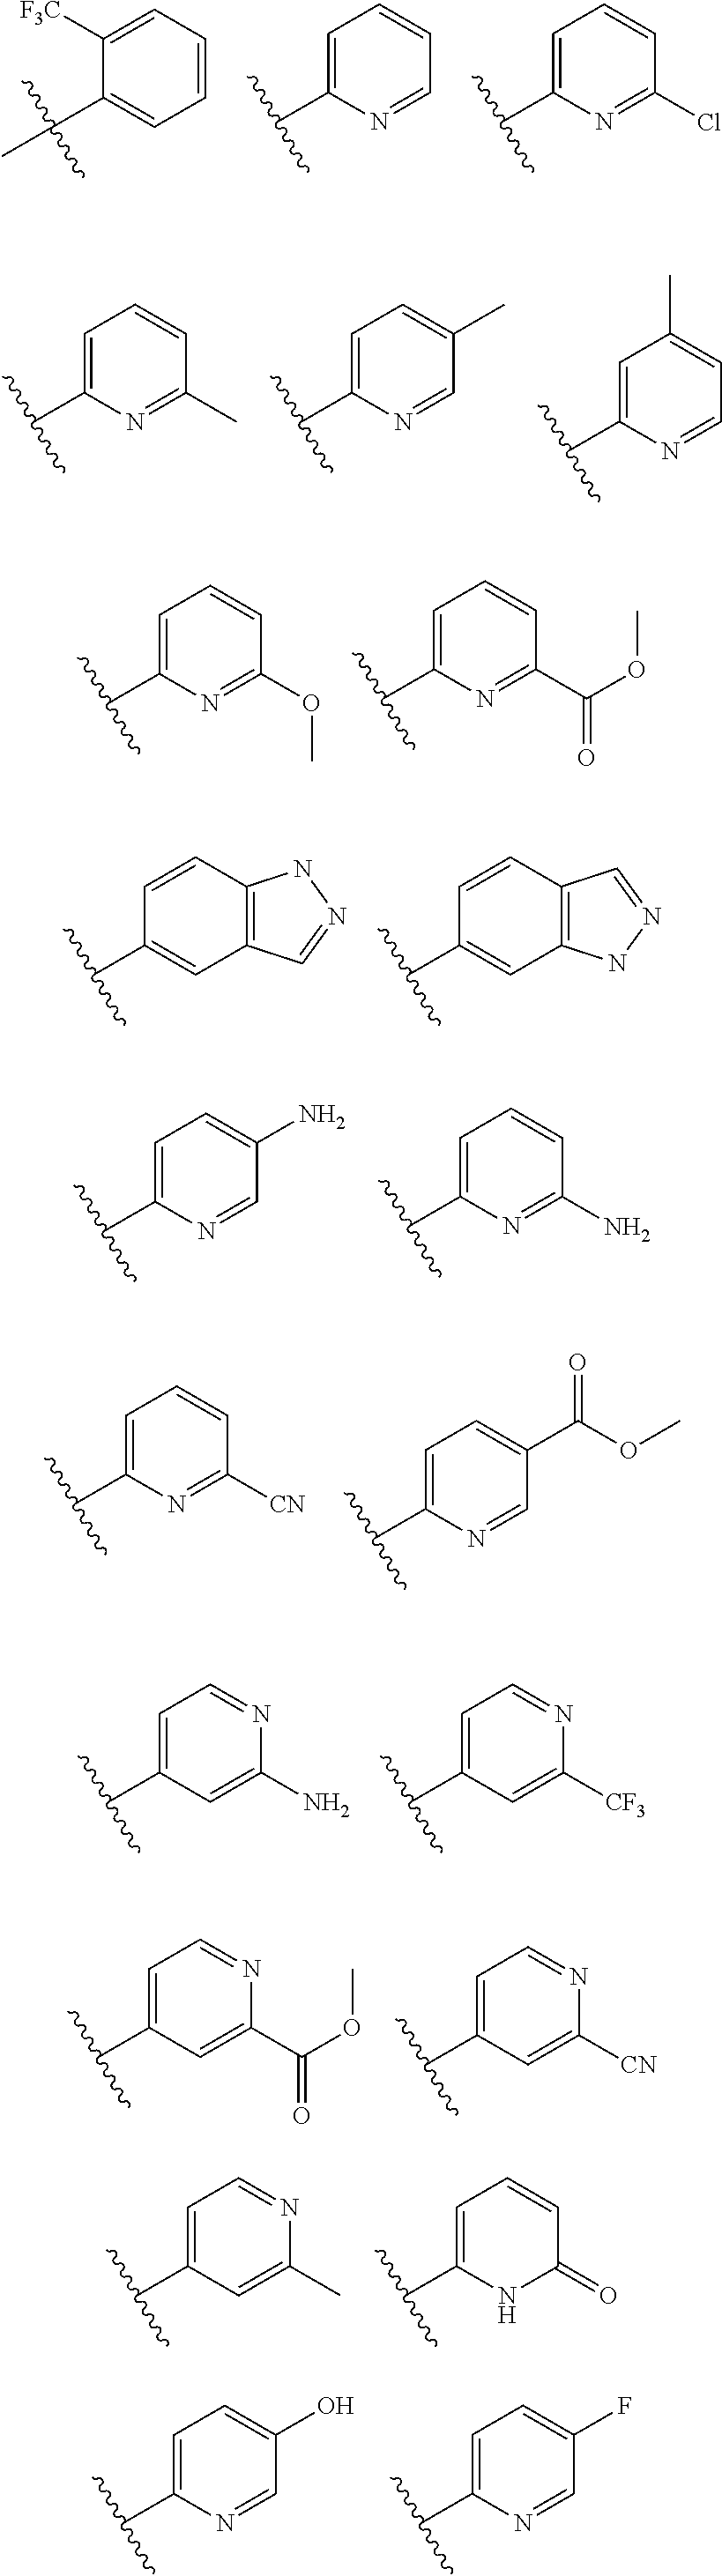 Figure US20110046165A1-20110224-C00026